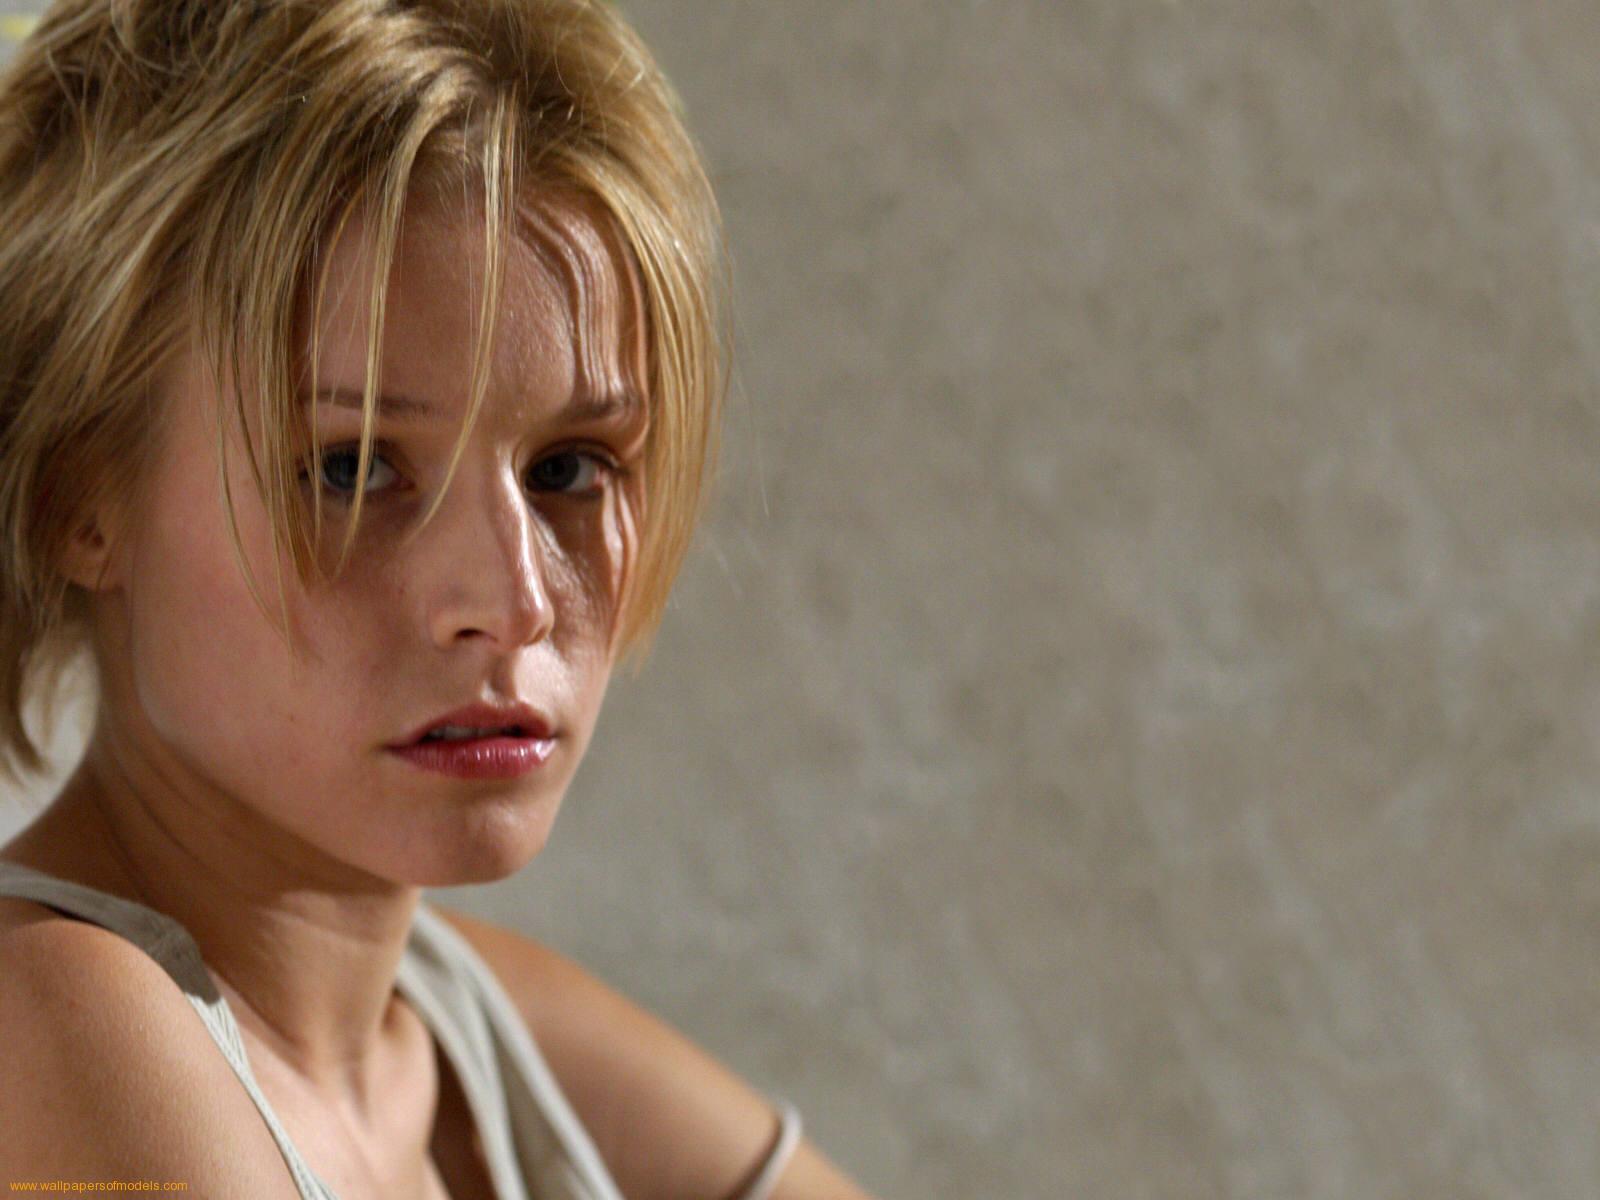 http://3.bp.blogspot.com/-n07mm0R6Nrk/TfEPhlRmqaI/AAAAAAAABUc/5_zx_JHnjLA/s1600/Kristen-Bell-hot-wallpaper.jpeg